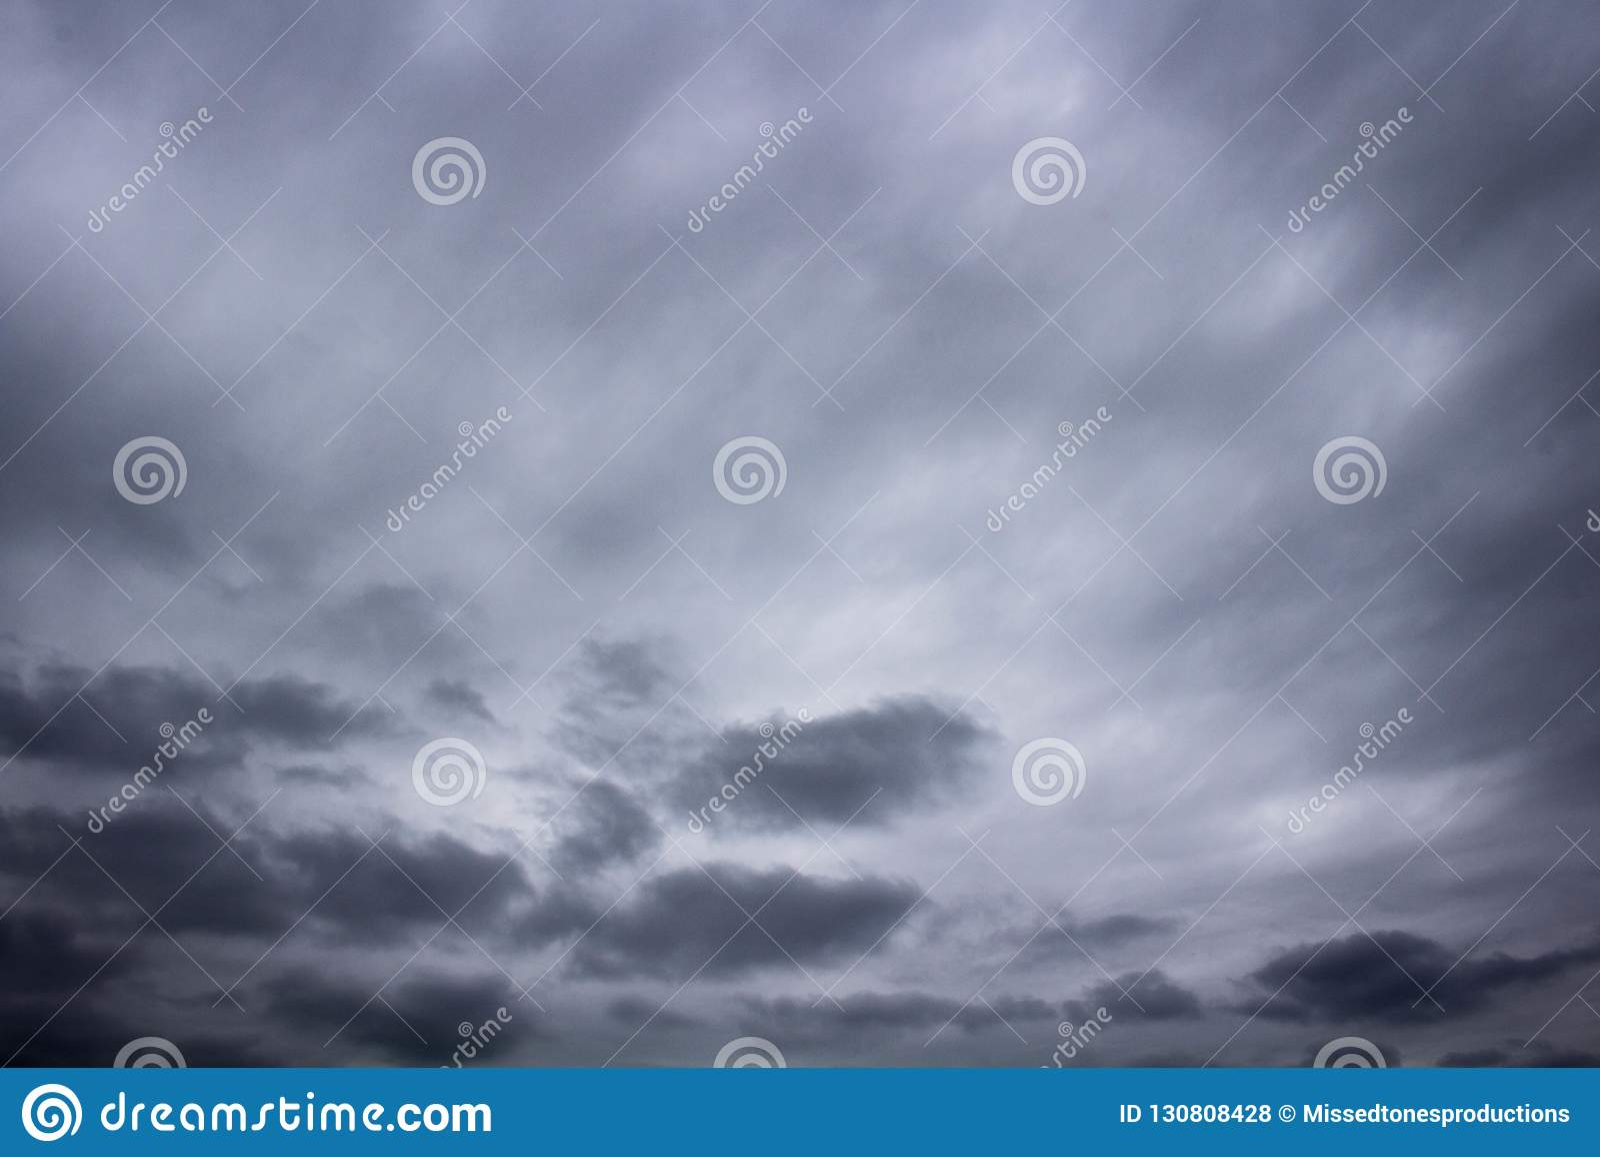 滚动的乌云